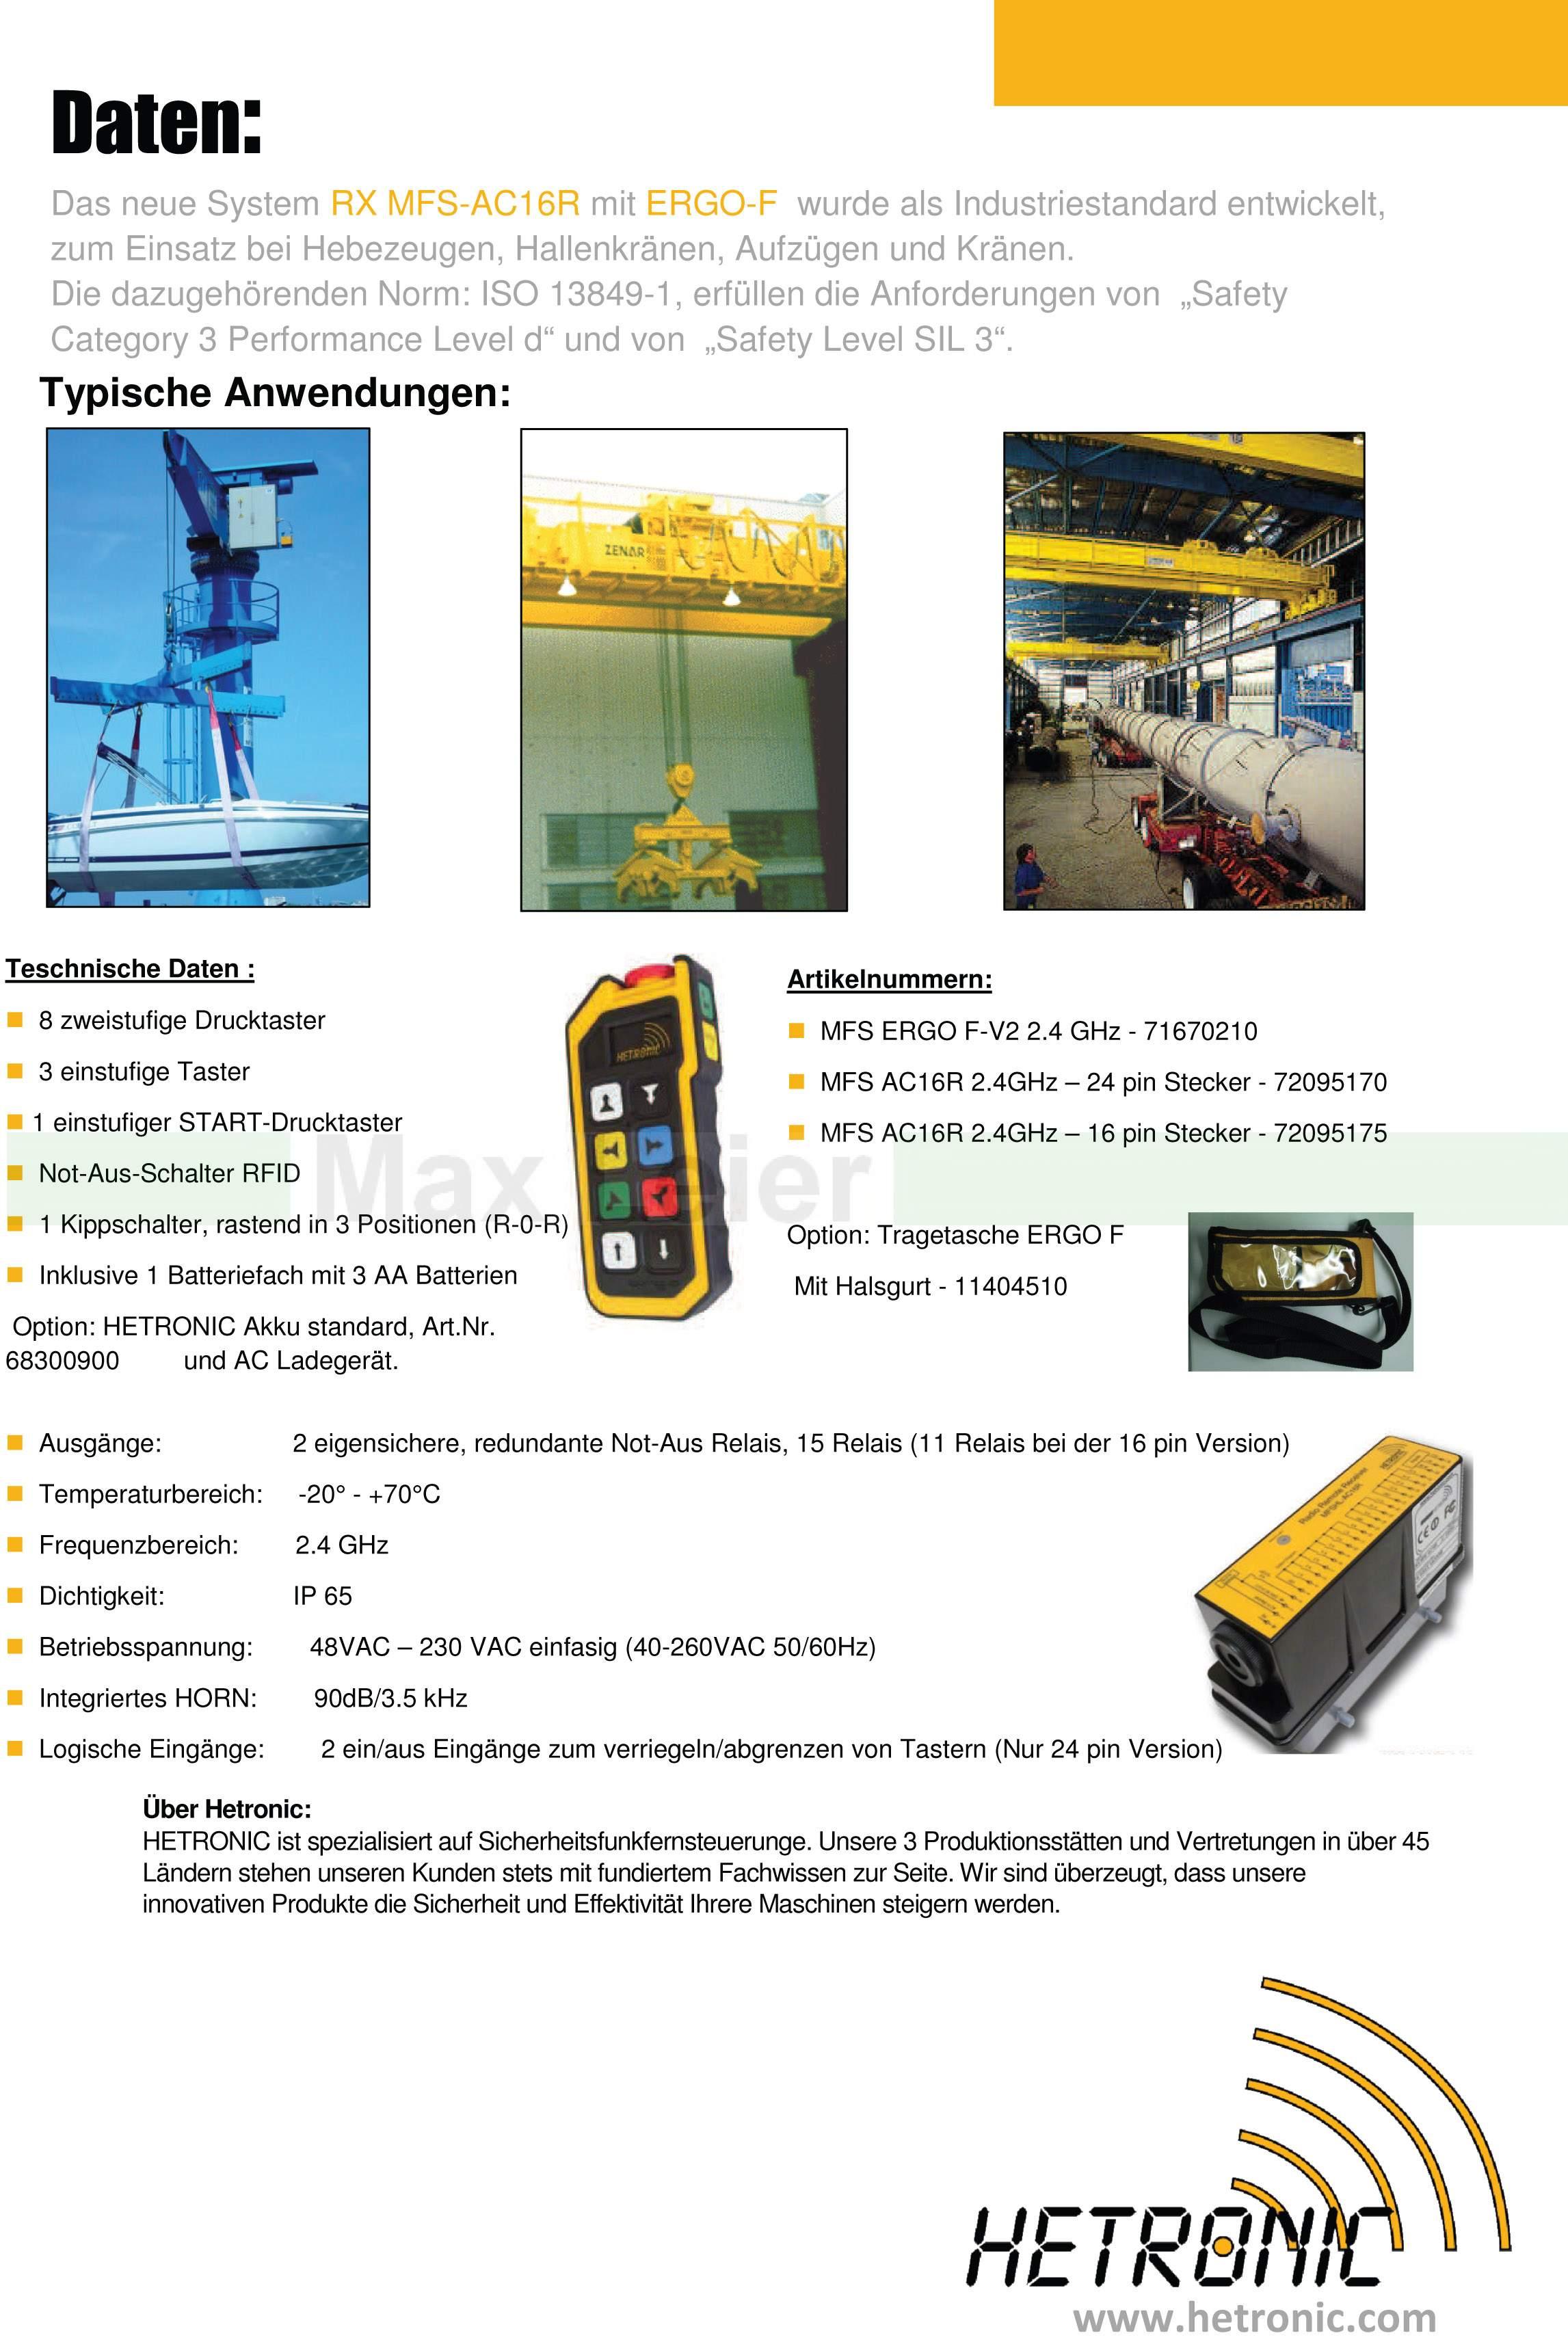 2 Ergo-F_RX MFS-AC16R - 2.4 GHz_Deutsch.pdf